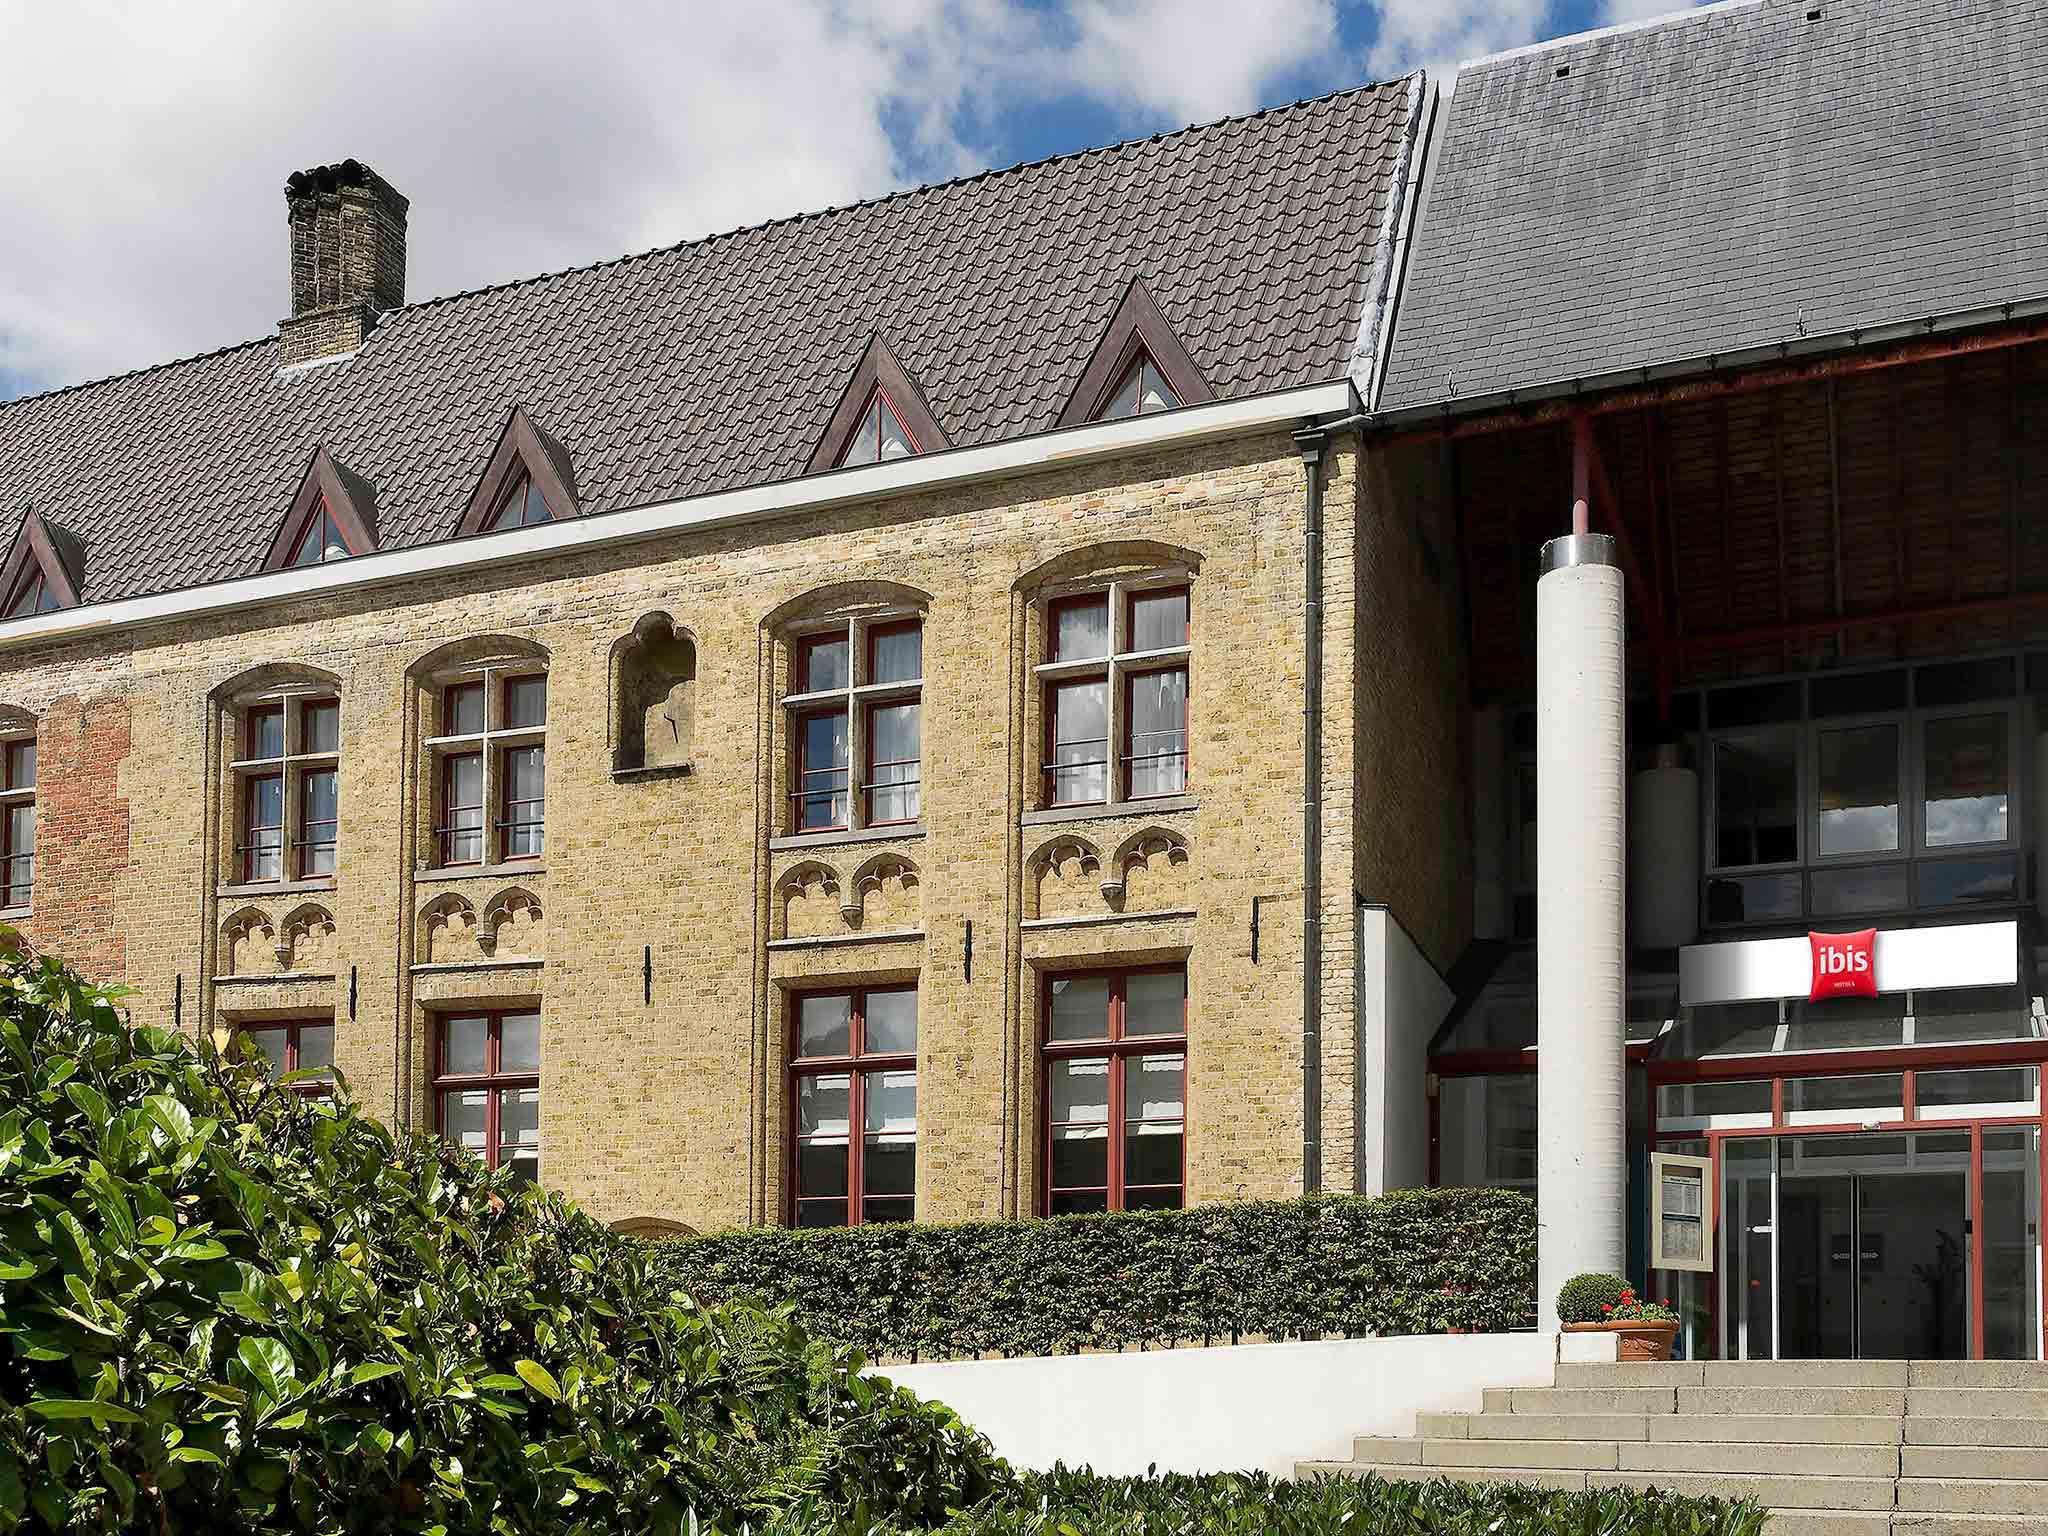 Hotel Ibis Bruges